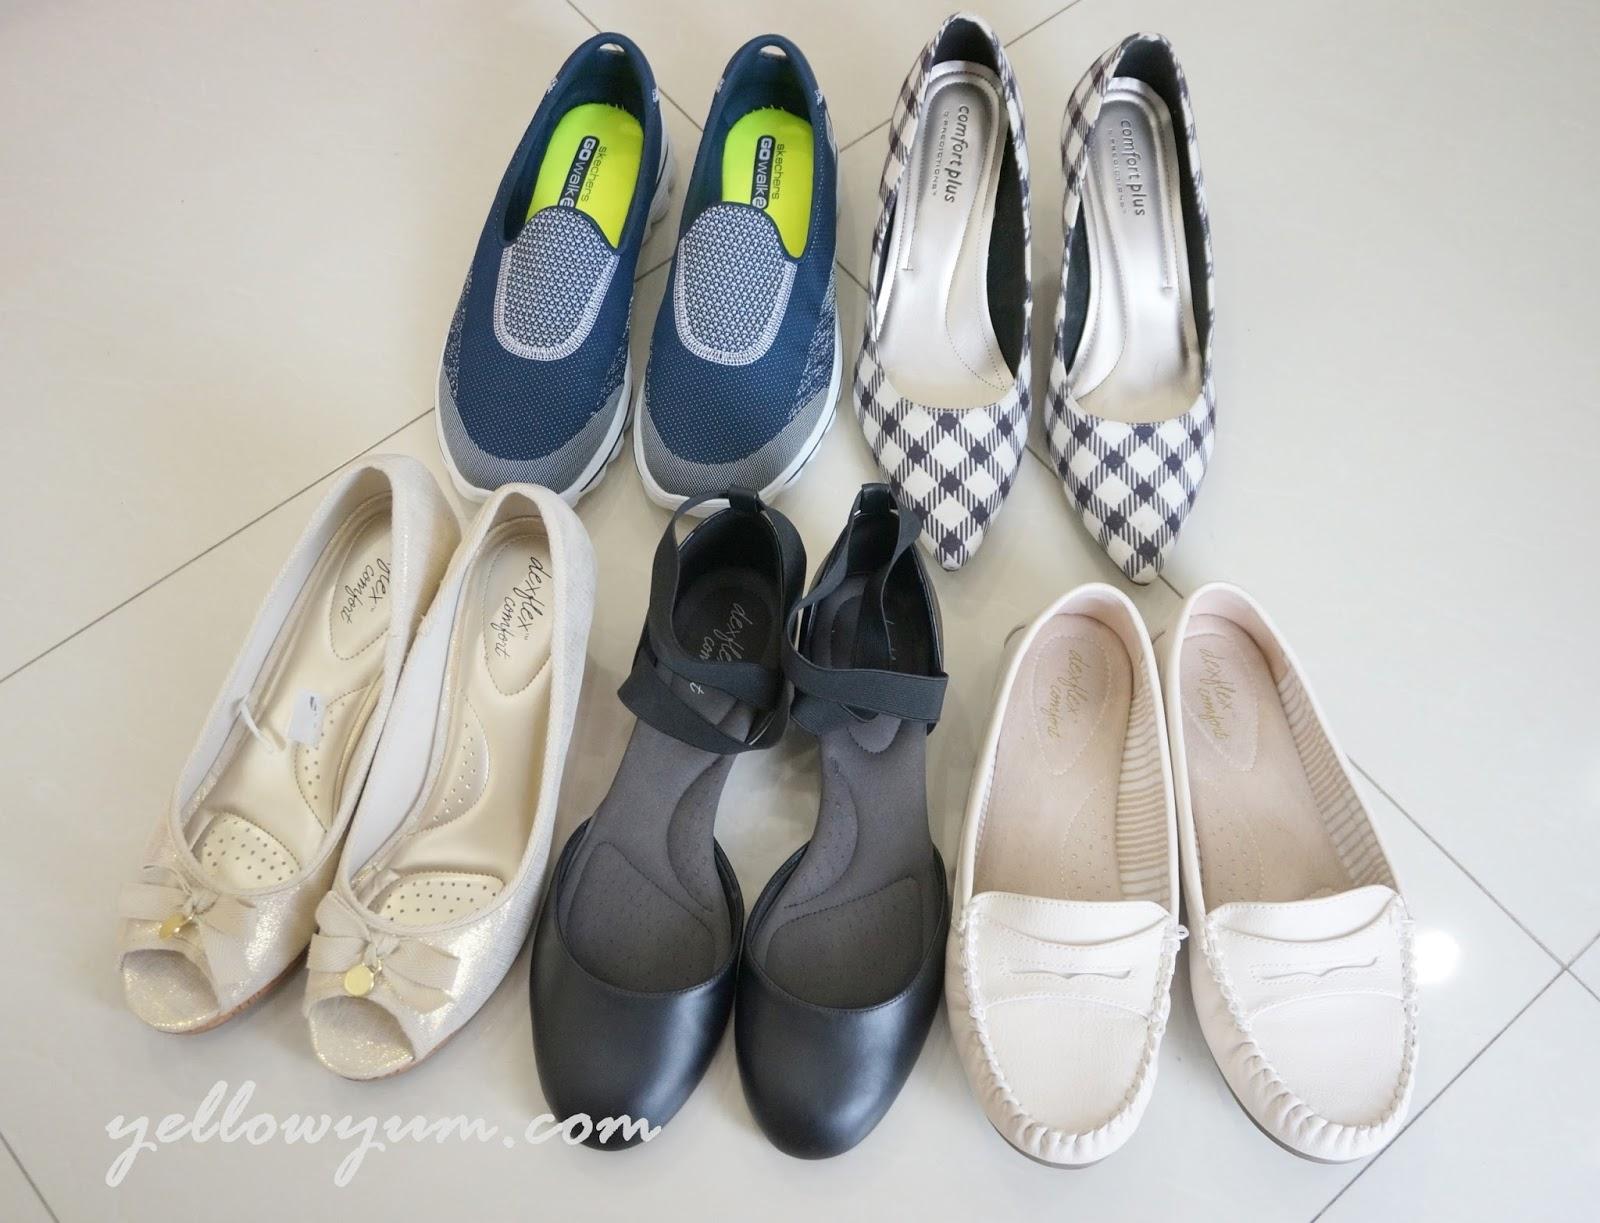 9a18f531caa6 Shoes Haul! — Yellow Yum